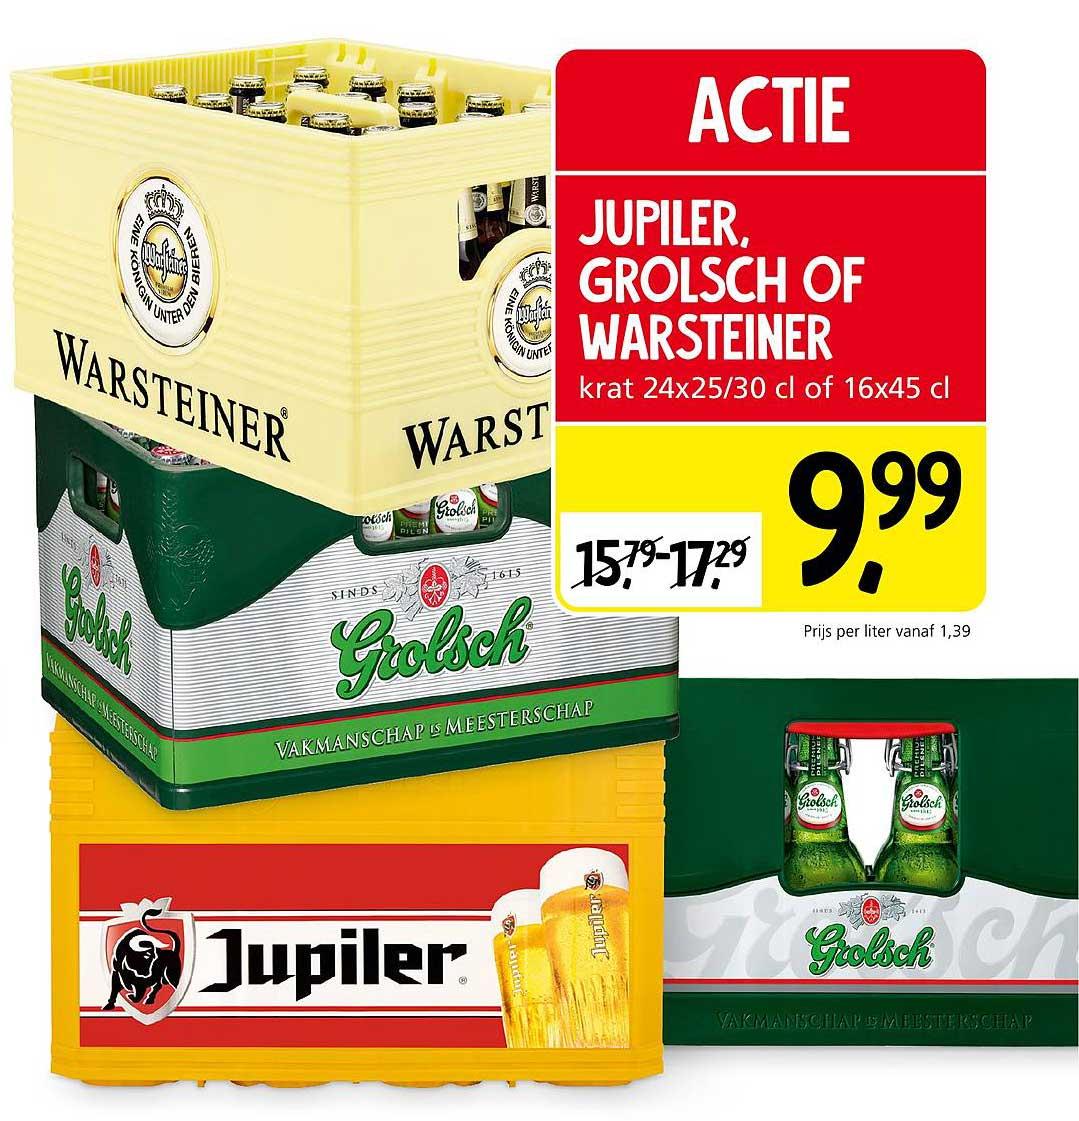 Jan Linders Jupiler, Grolsch Of Warsteiner